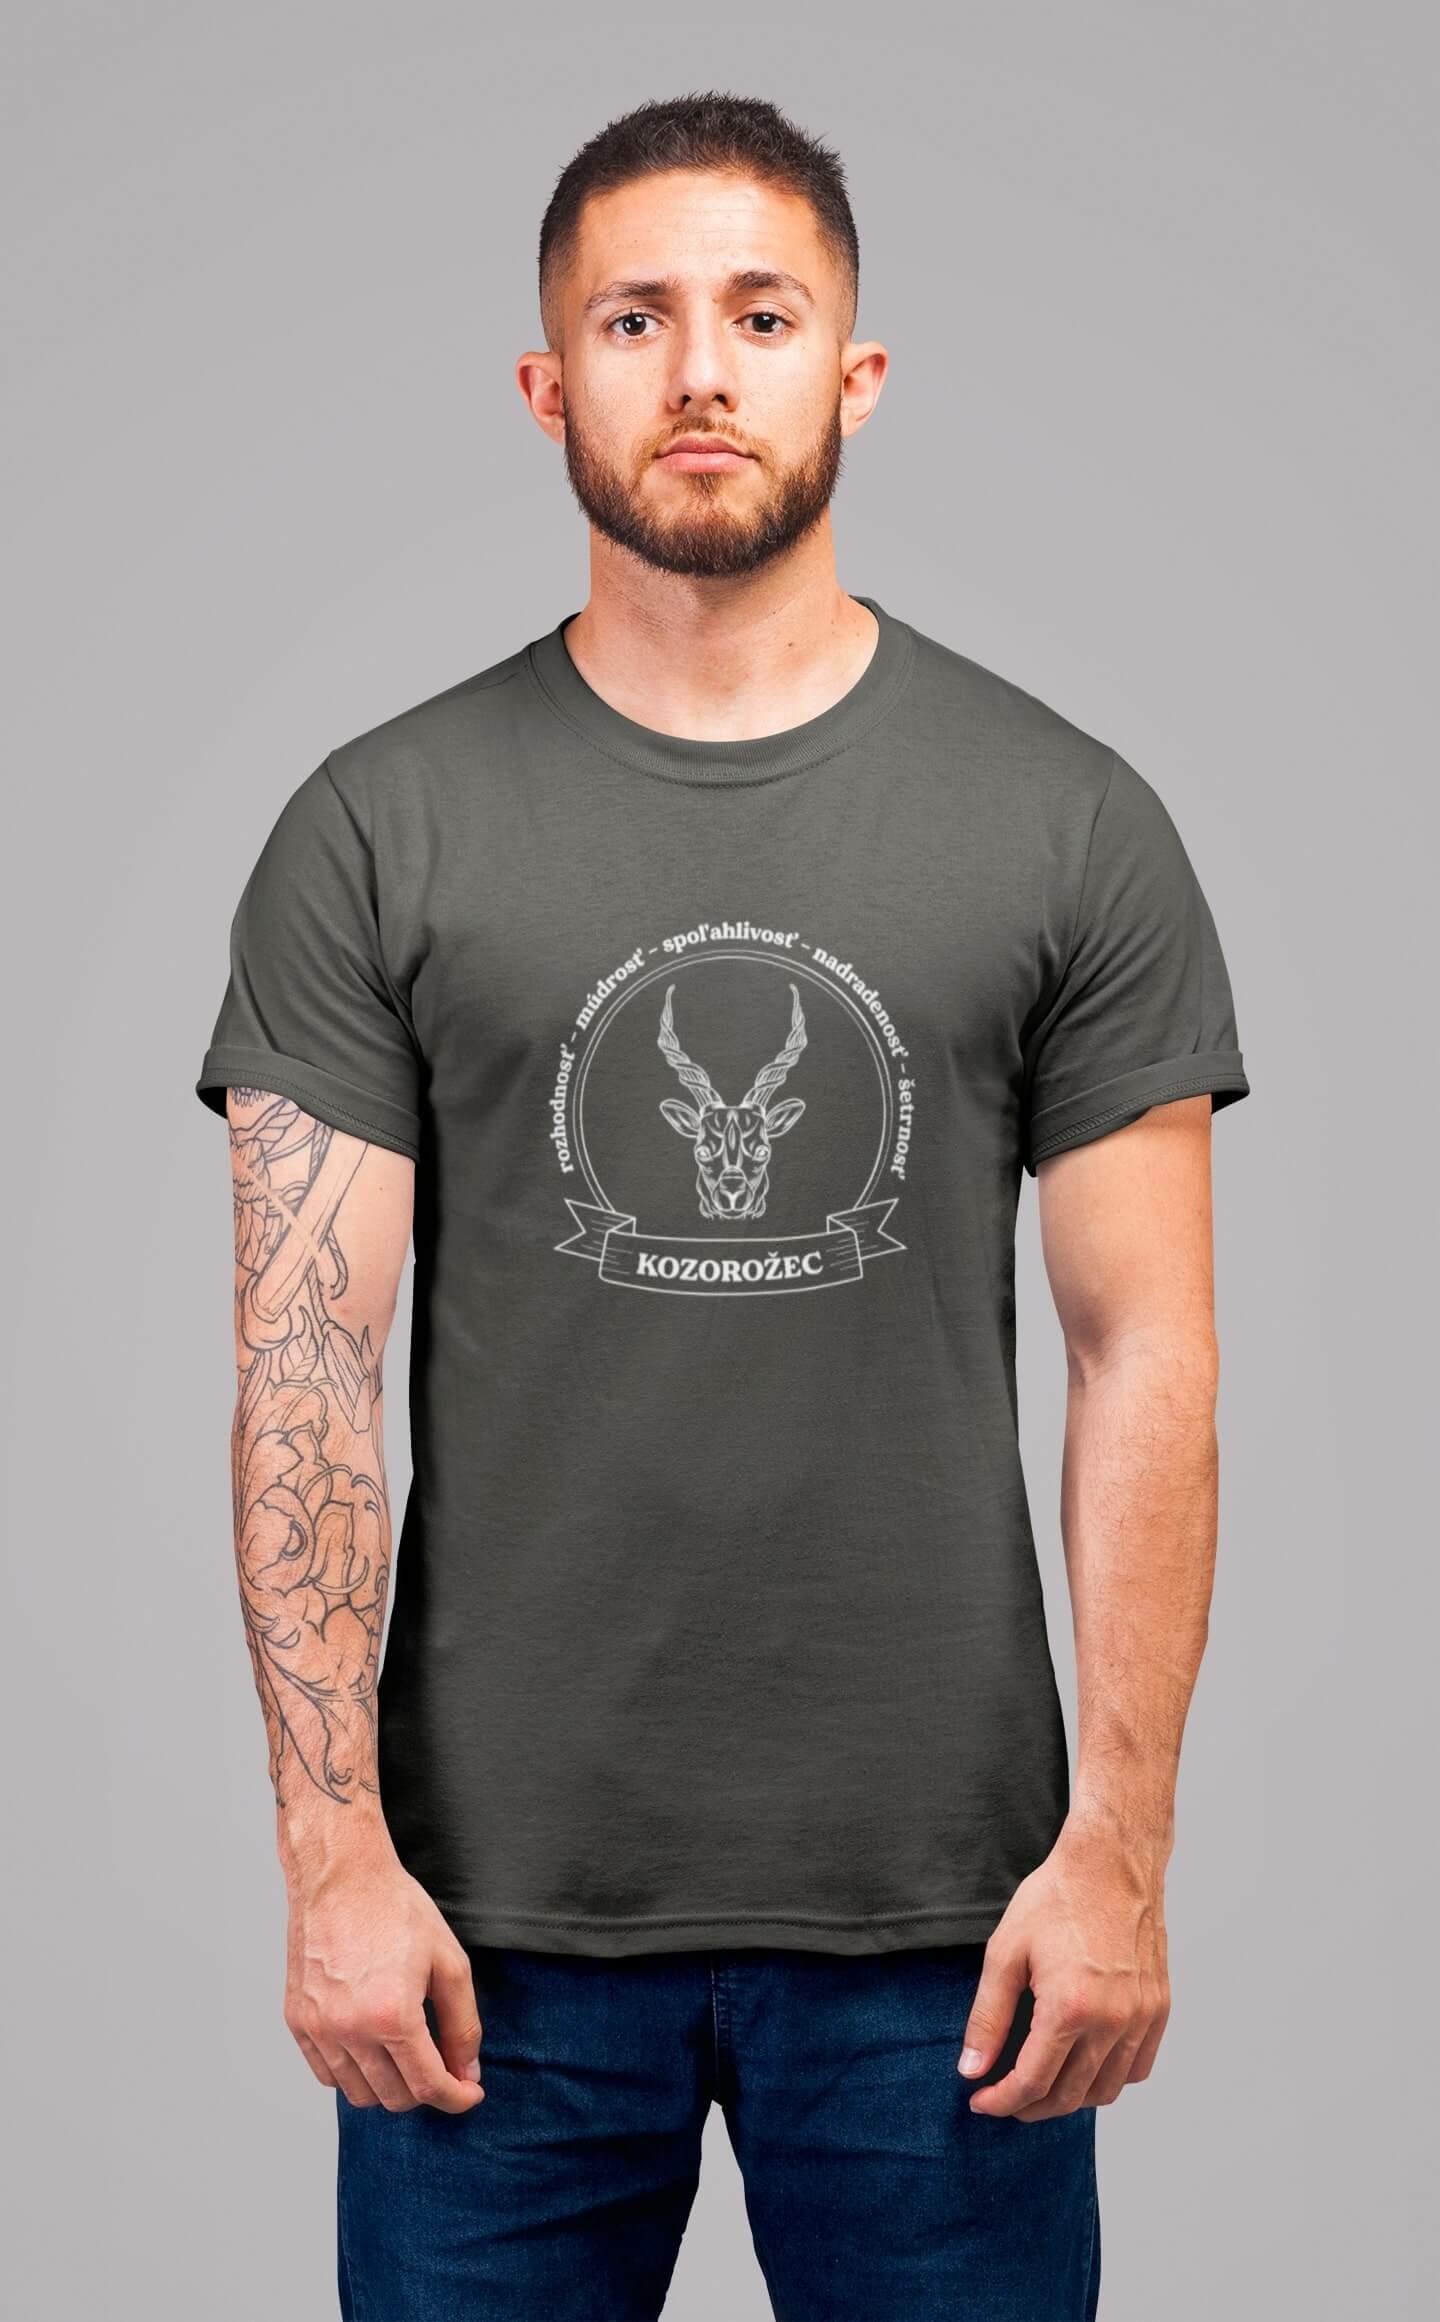 MMO Pánske tričko Kozorožec Vyberte farbu: Tmavá bridlica, Vyberte veľkosť: XL